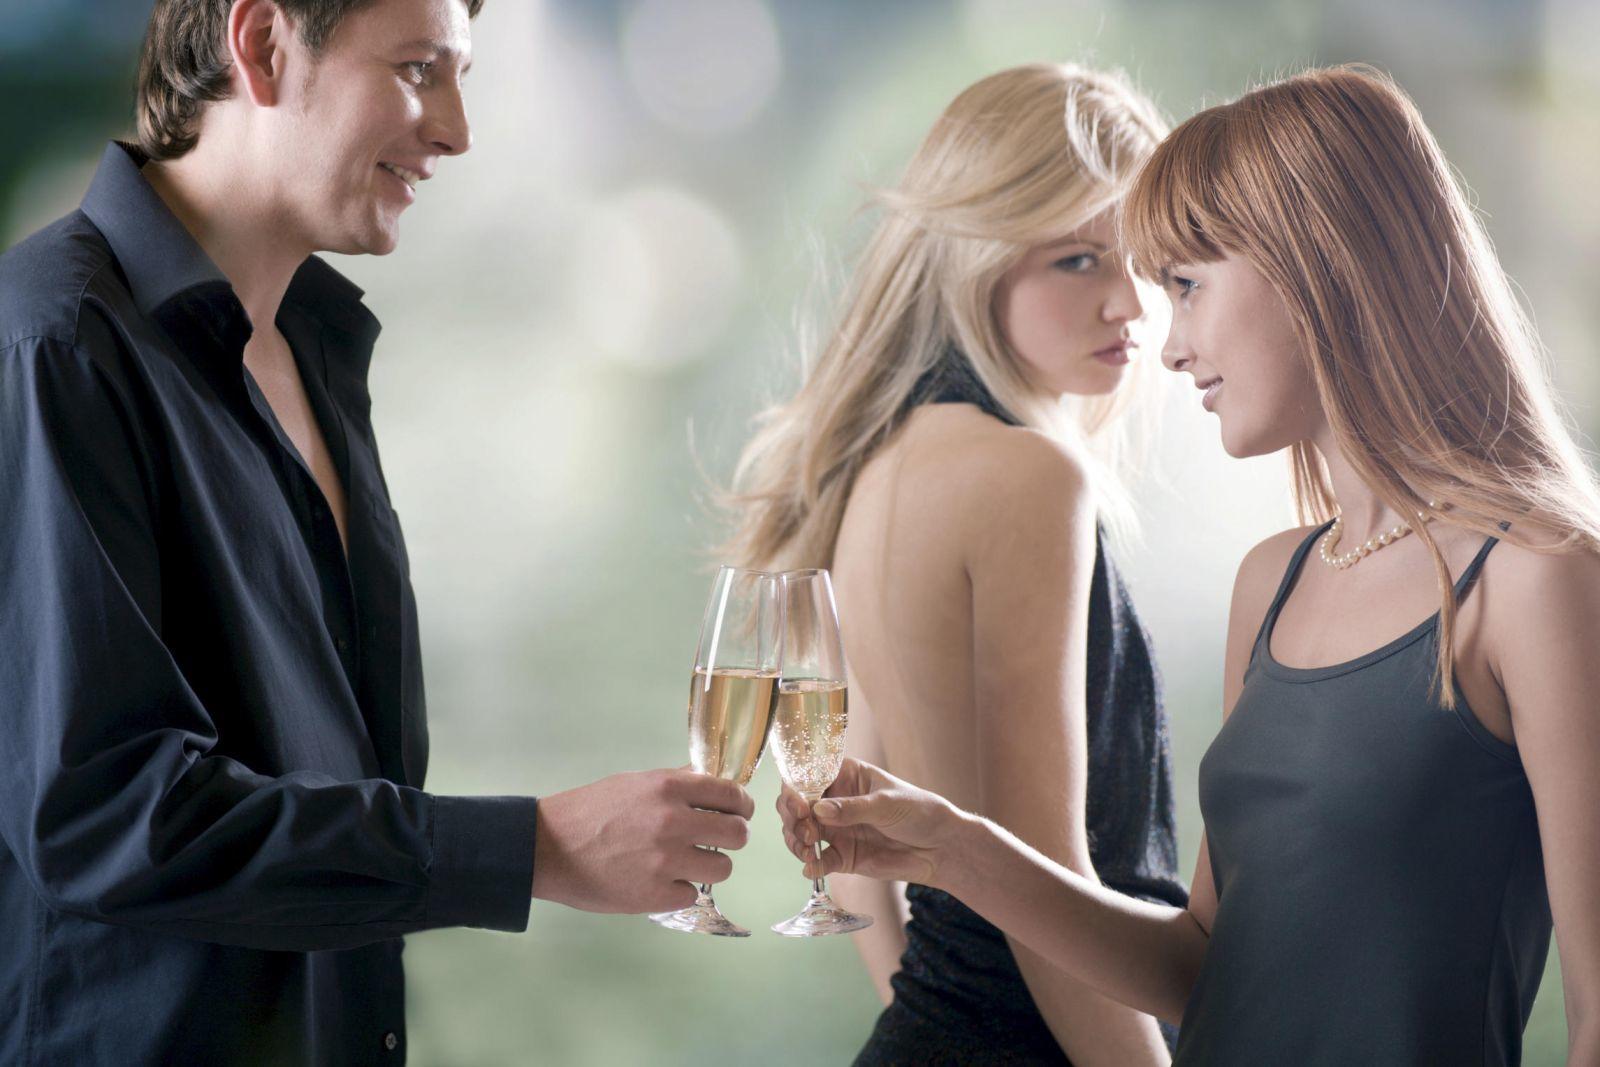 vợ bất hạnh, chồng ngoại tình, chồng có vợ bé, ly hôn